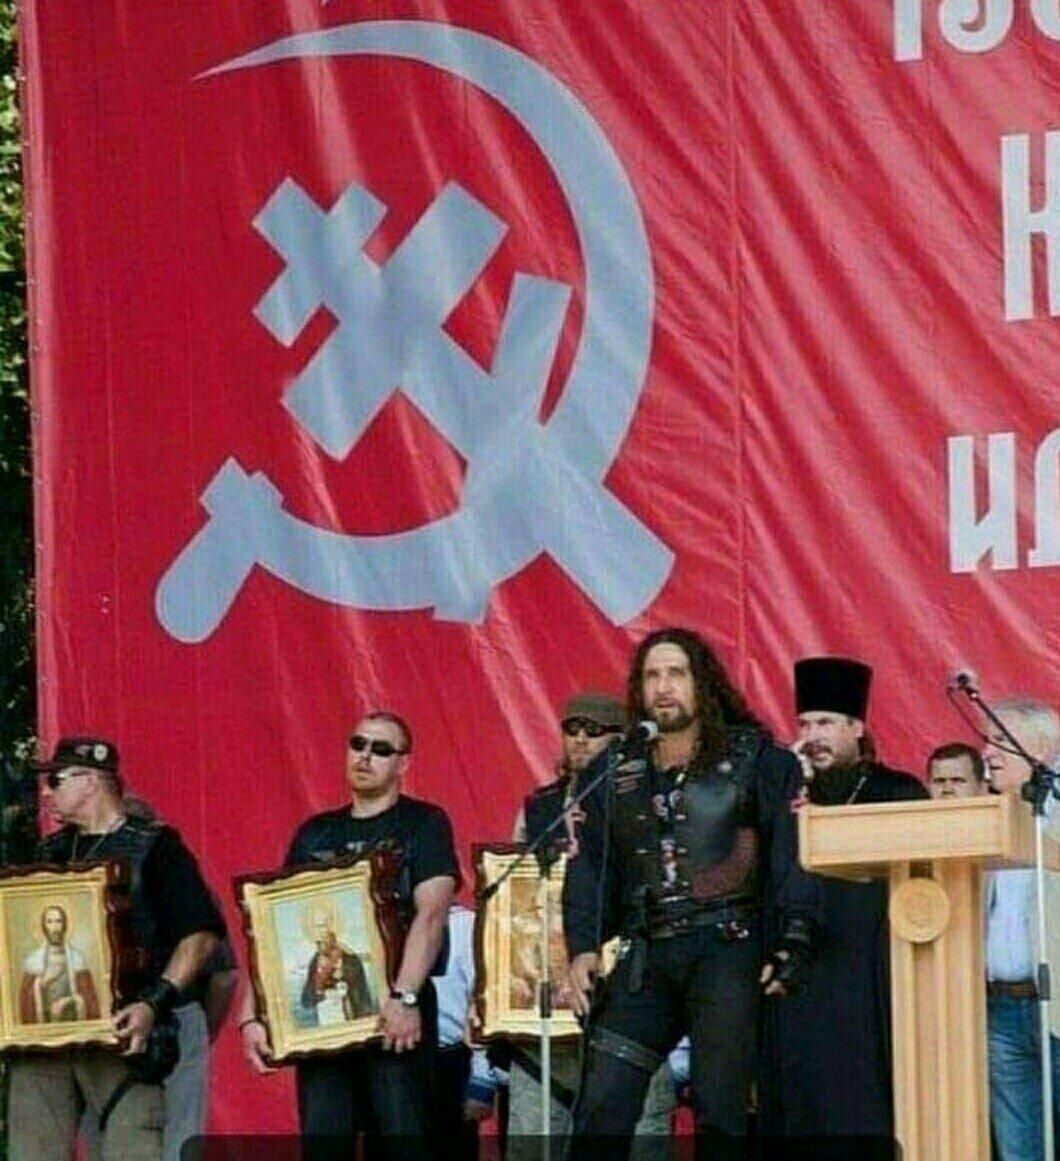 http://ic.pics.livejournal.com/dolboledo/69104052/242647/242647_original.jpg